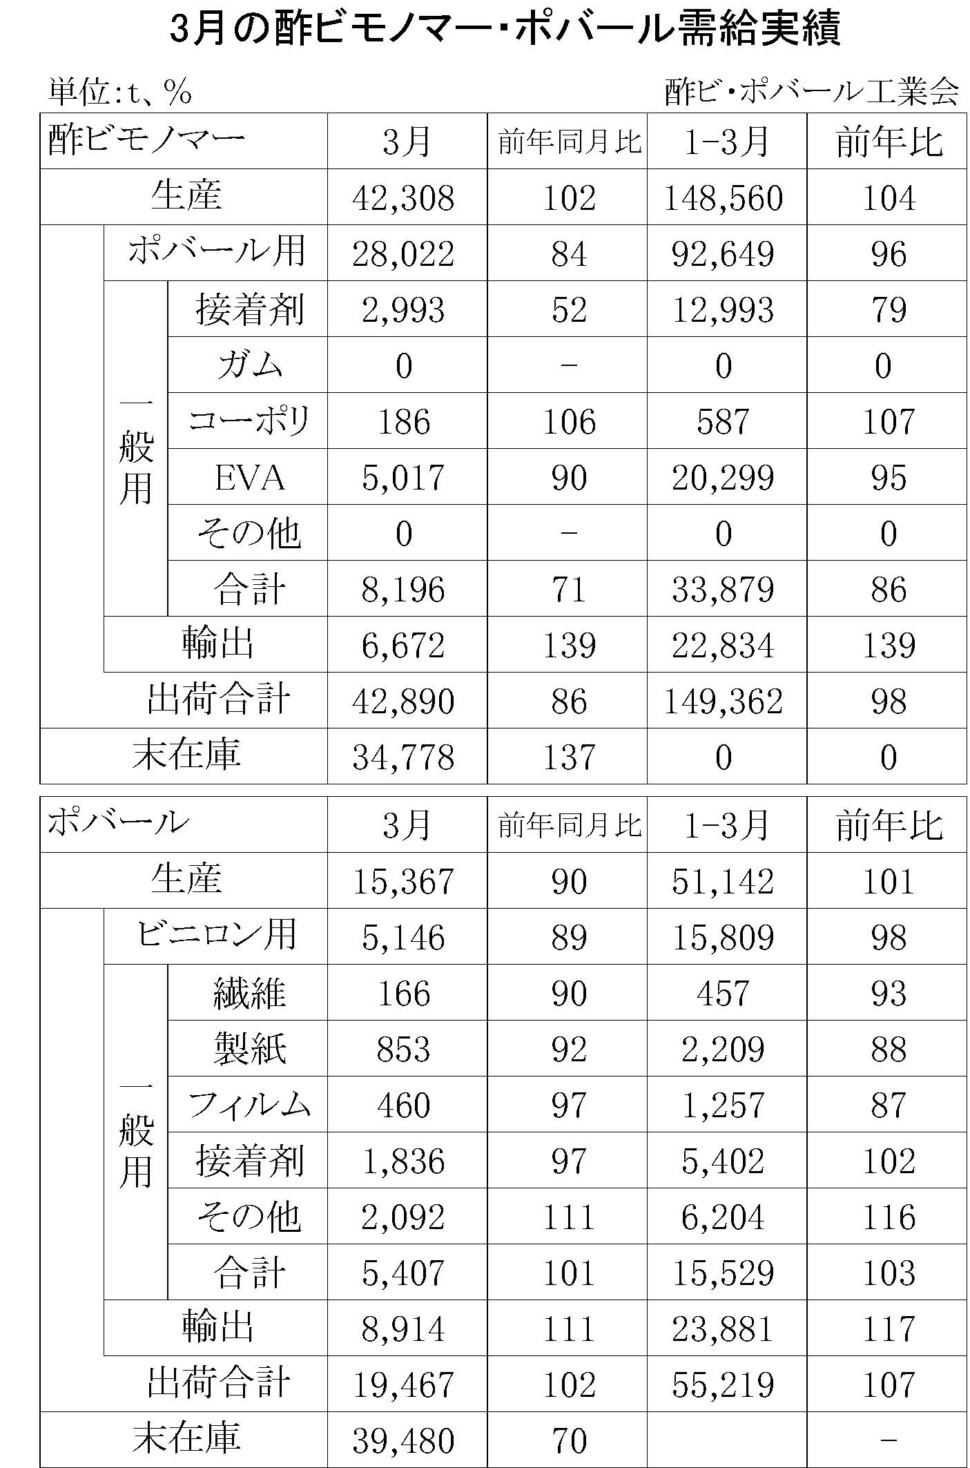 12-1-(年間使用)酢ビモノマー・ポバール需給実績